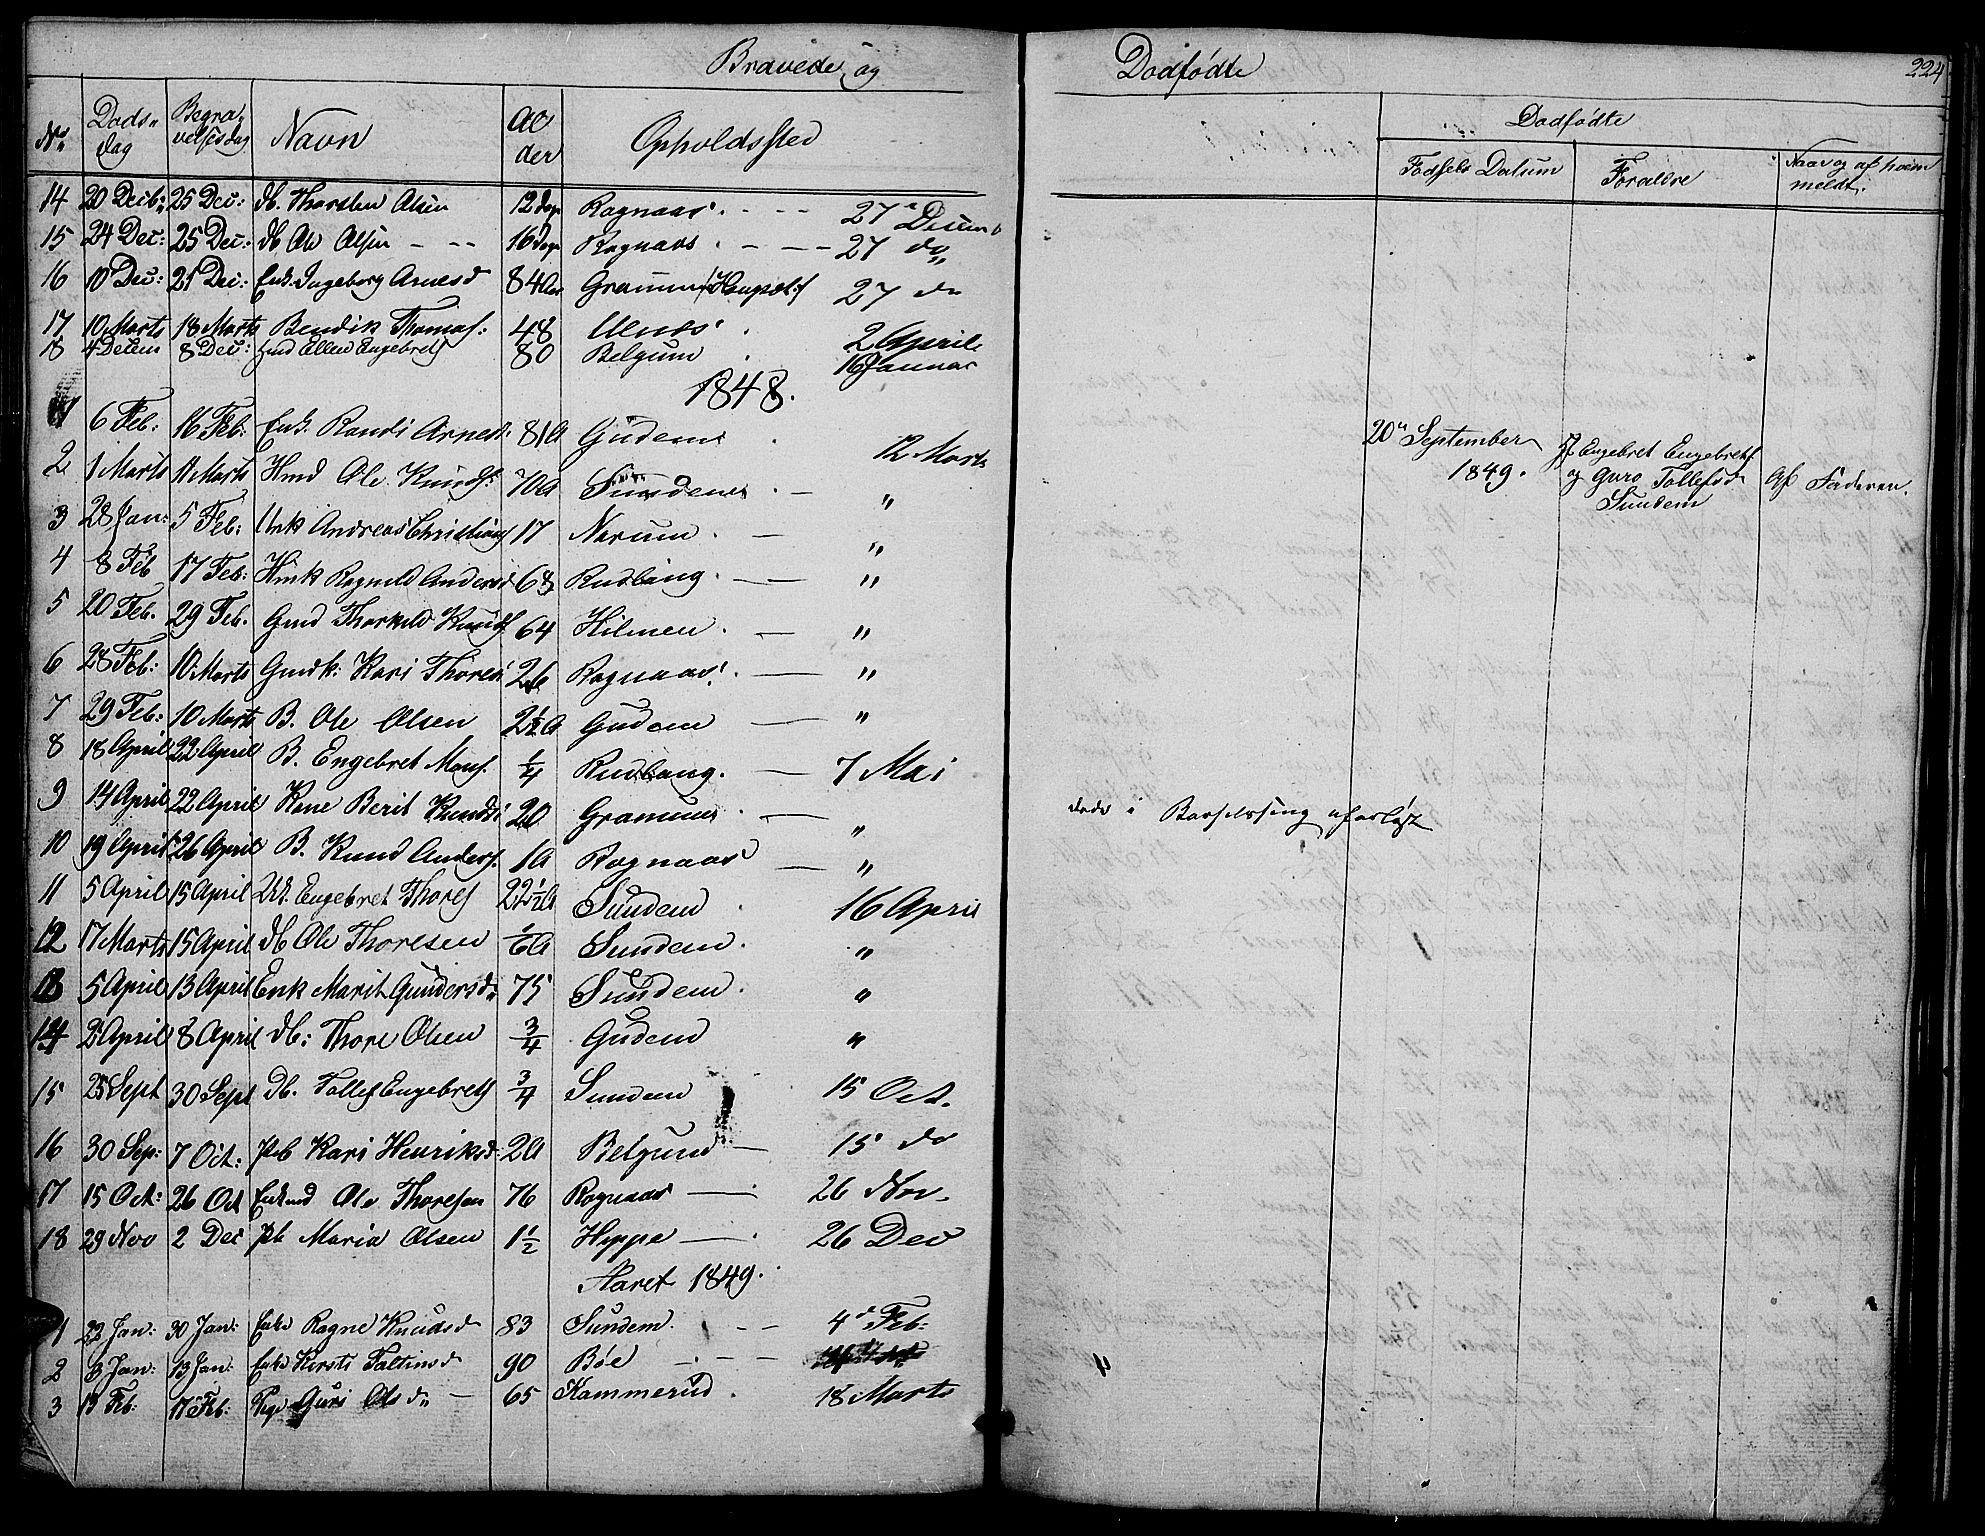 SAH, Nord-Aurdal prestekontor, Klokkerbok nr. 4, 1842-1882, s. 224